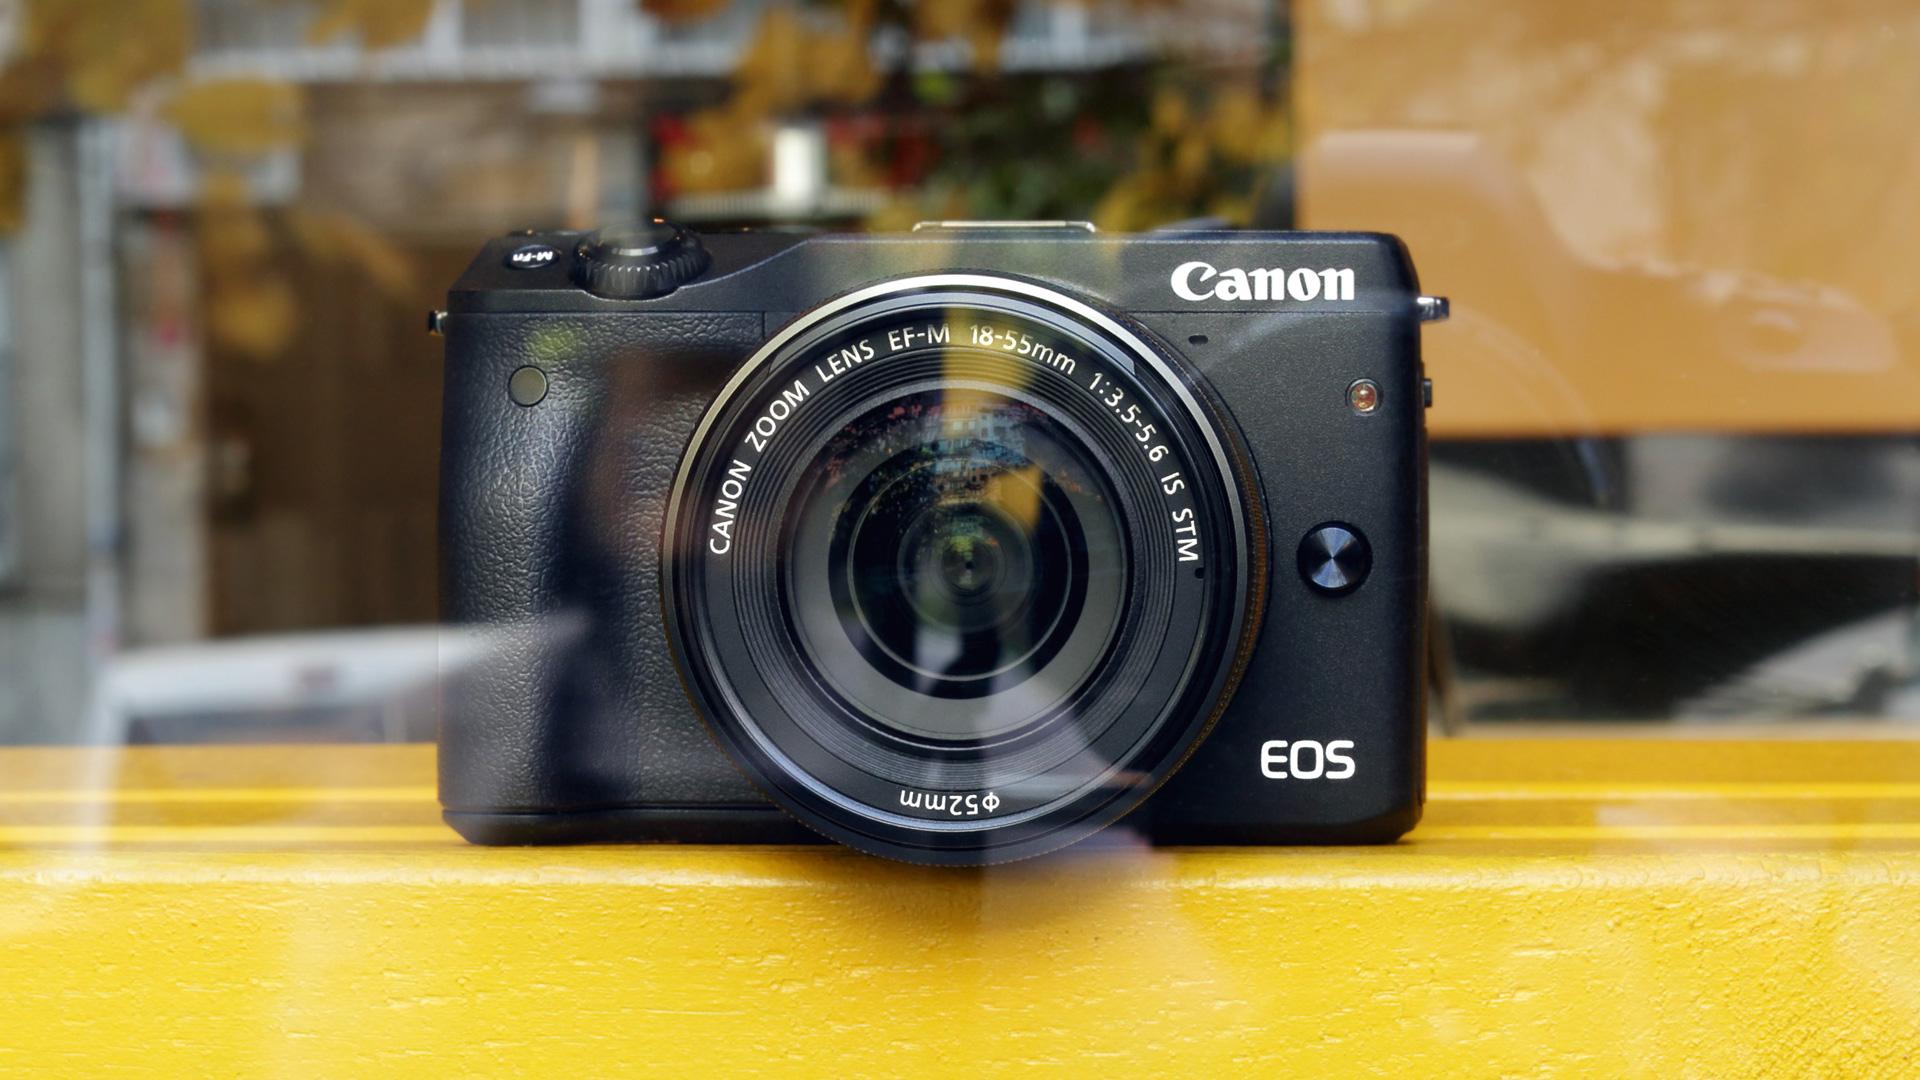 Canon Eos M3 Techradar M10 Kit 15 45 Is Stm M 10